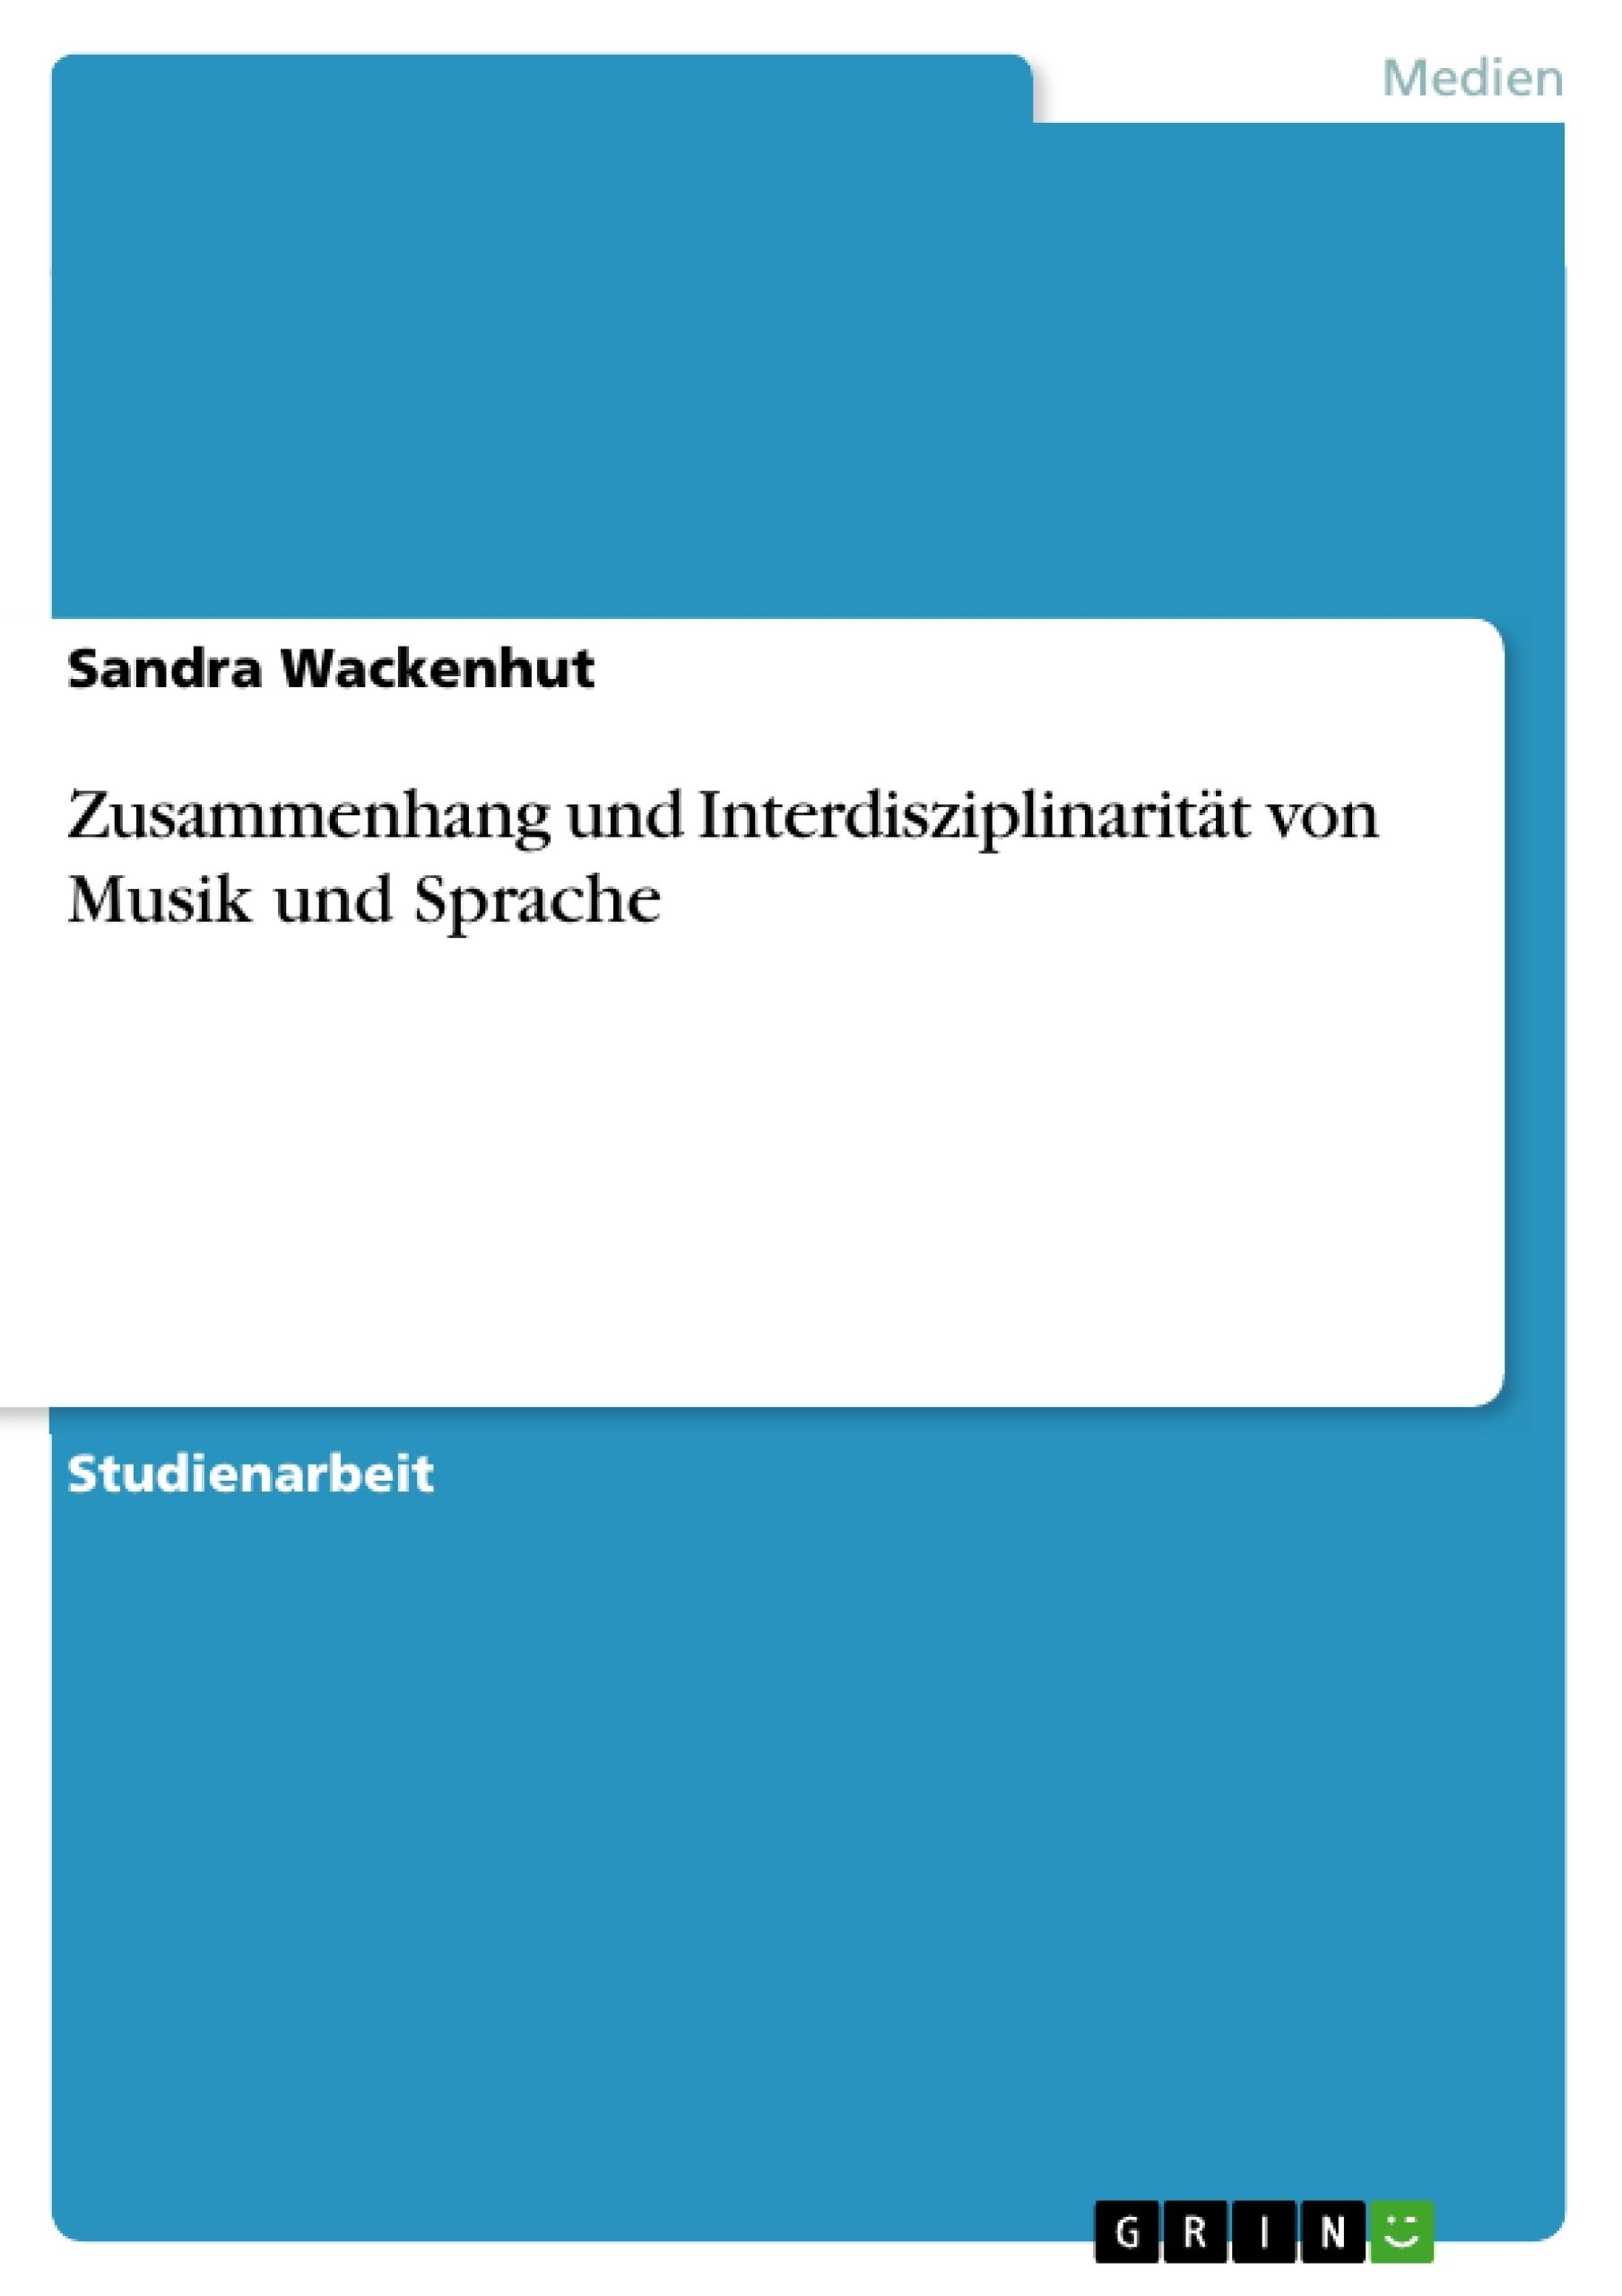 Titel: Zusammenhang und Interdisziplinarität von Musik und Sprache